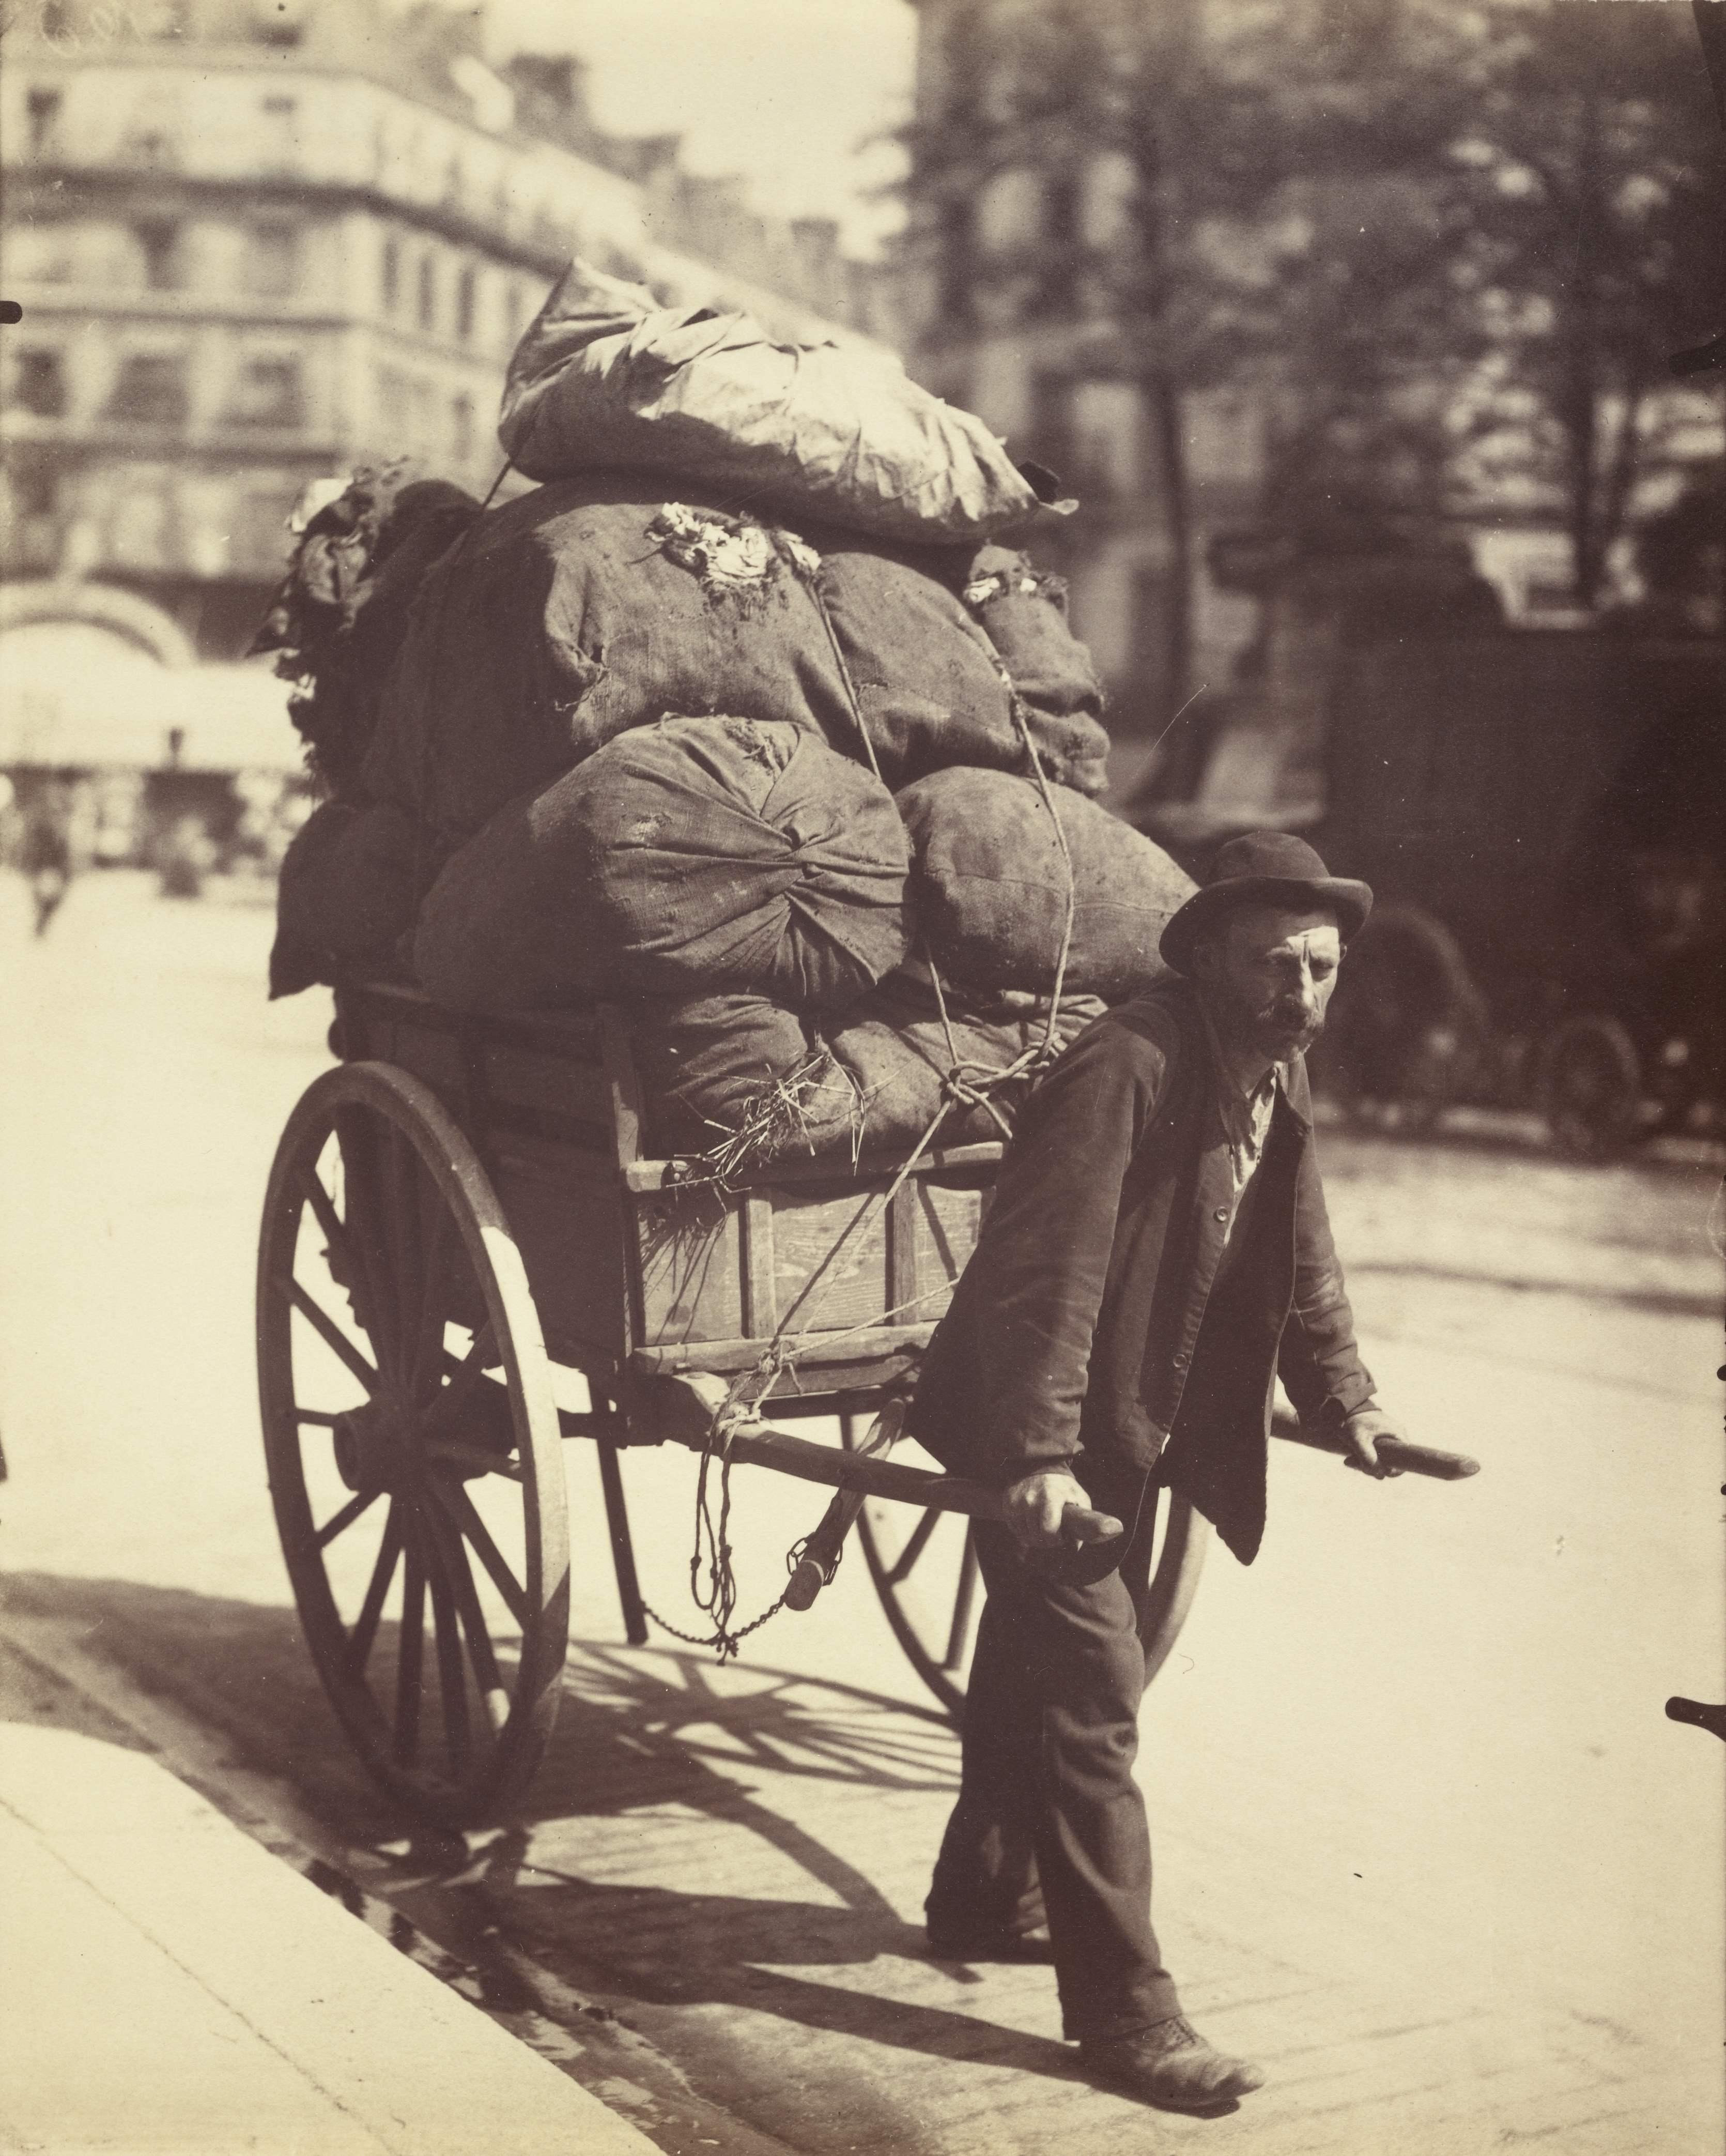 Eugène_Atget, Chiffonier dans Paris, rue des gobelins, 1899, Getty Museum